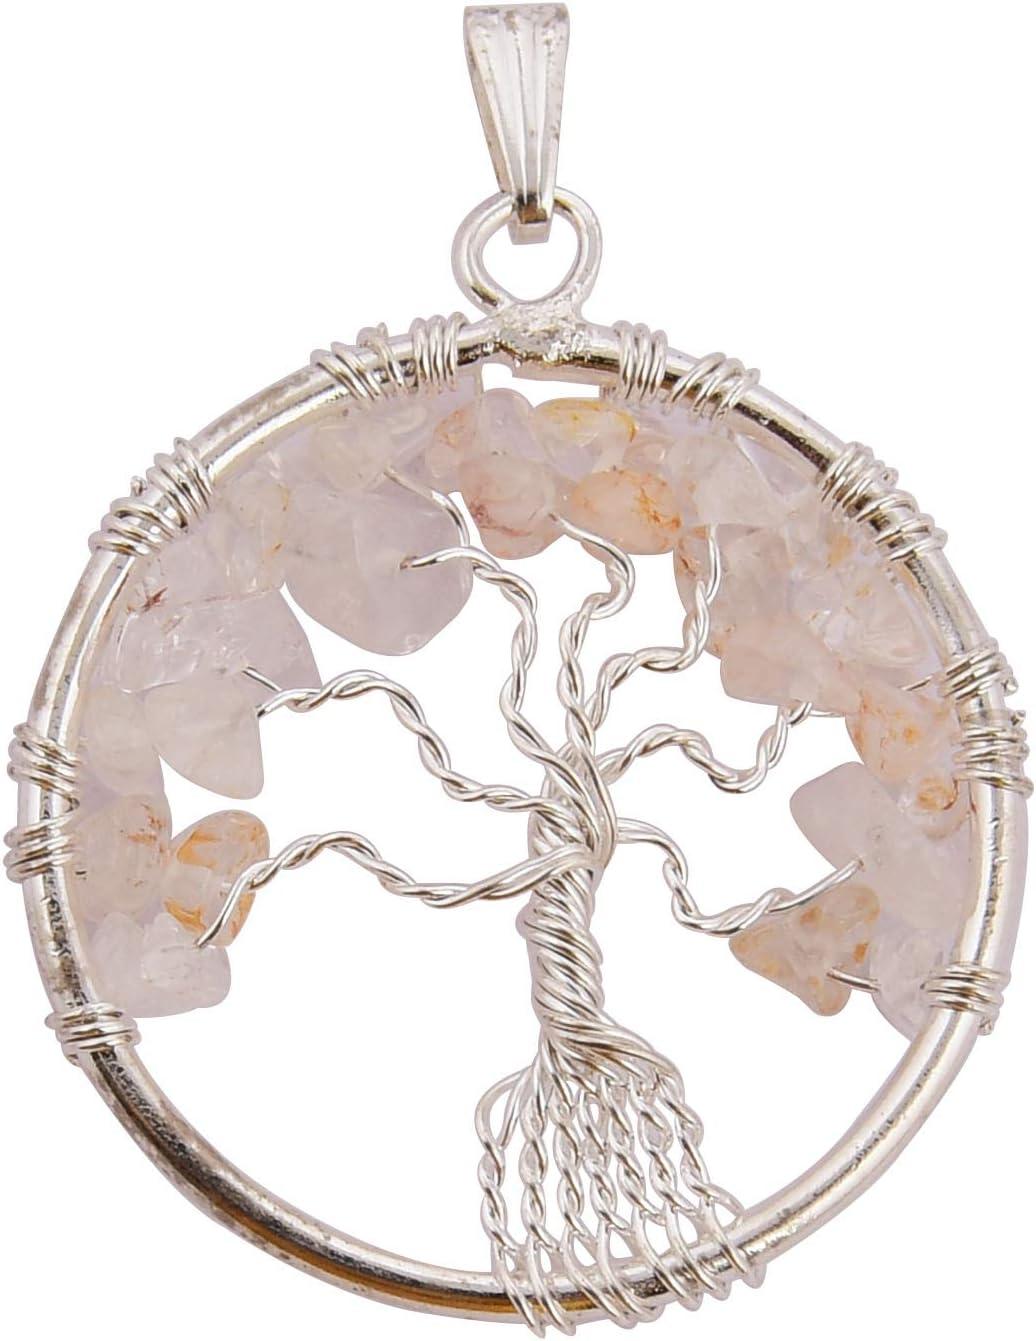 Blessfull Healing Reiki Healing Gemstone Collar de árbol de la vida Cuarzo rosa Forma de círculo Colgante envuelto en alambre